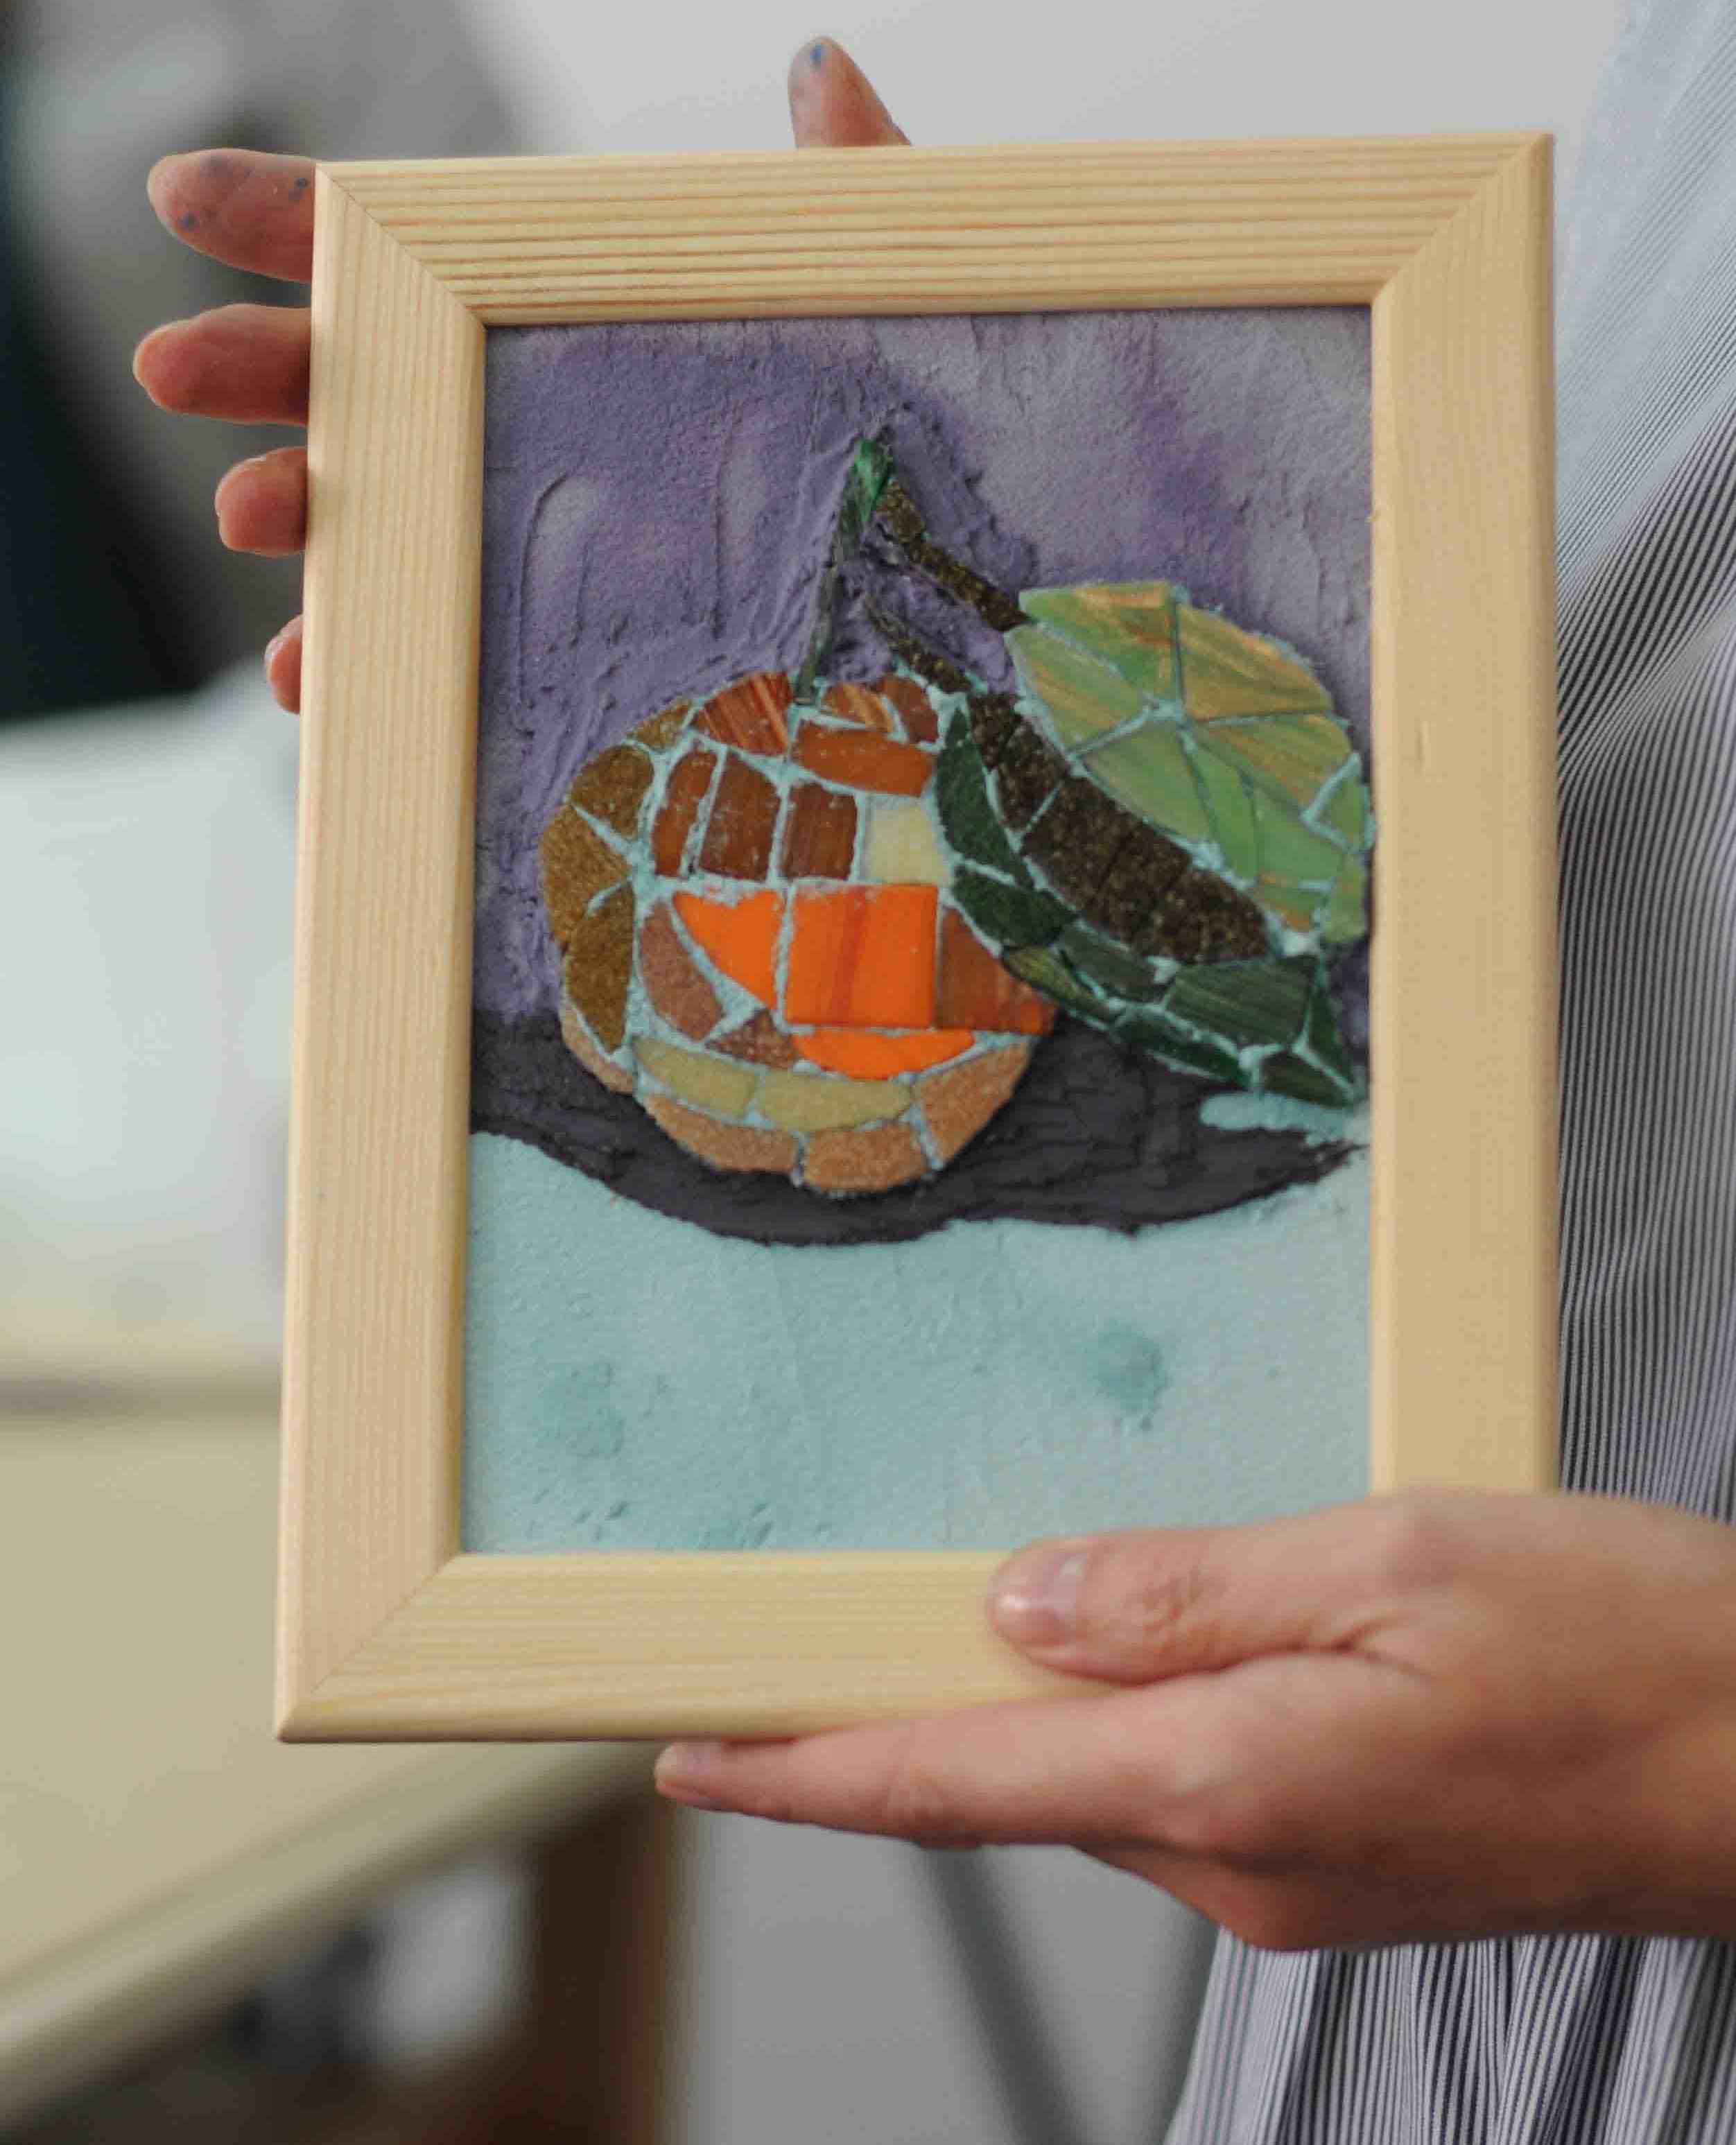 """Наша ученица с очаровательной Картиной, на которой изображён красивейший эскиз - сочные красочные фрукты, сделанной из мозаики, после нашего мастер-класса """"Стеклянная плитка""""."""